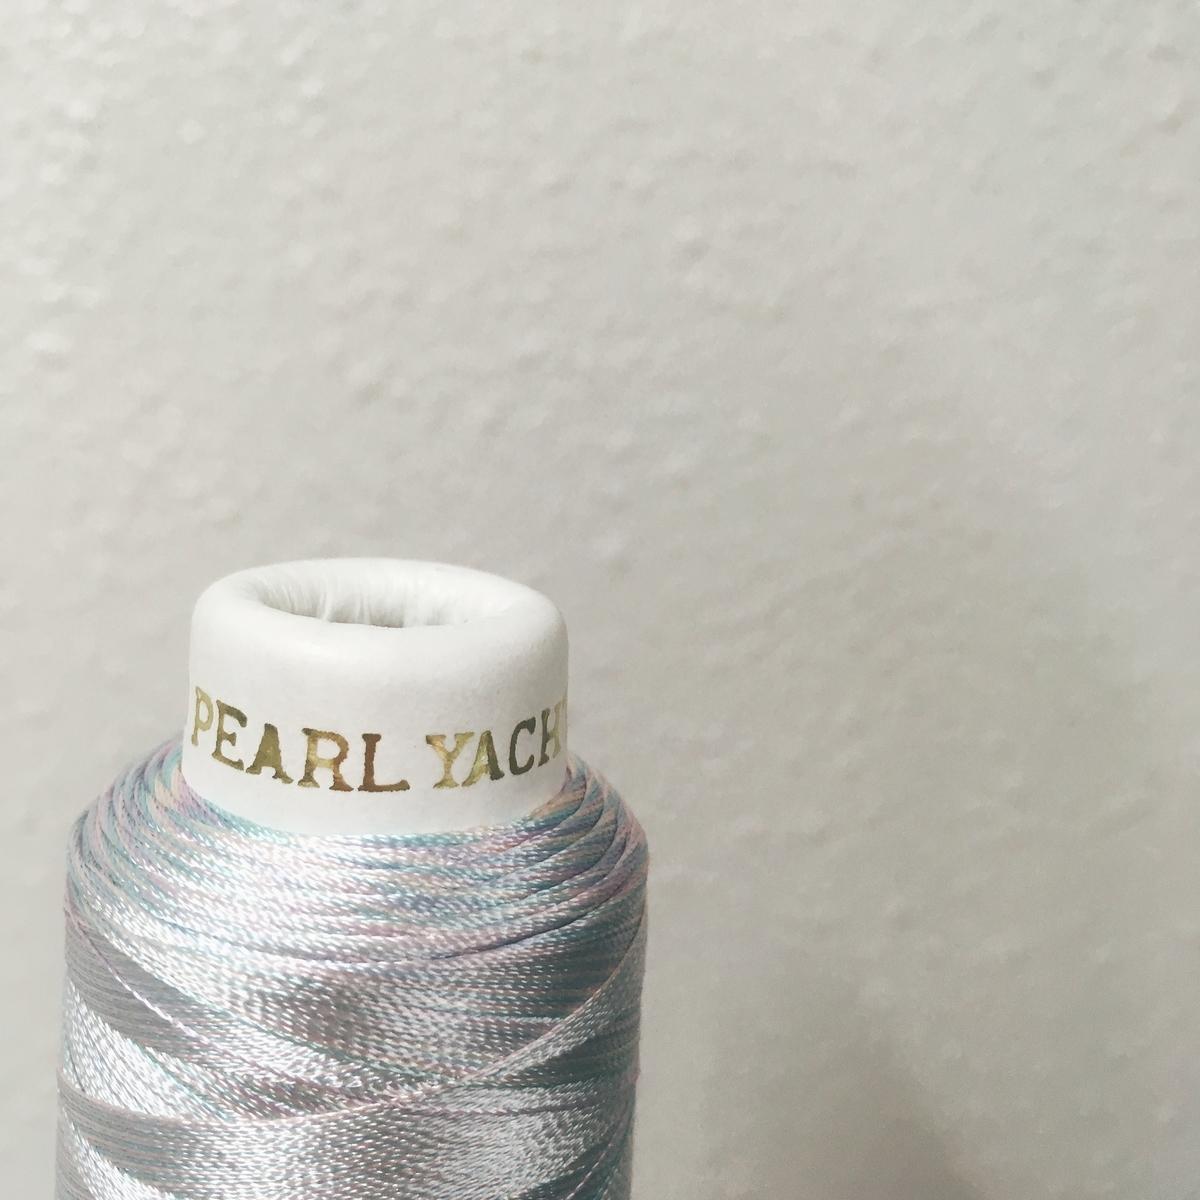 f:id:embroideryplay:20200213152127j:plain